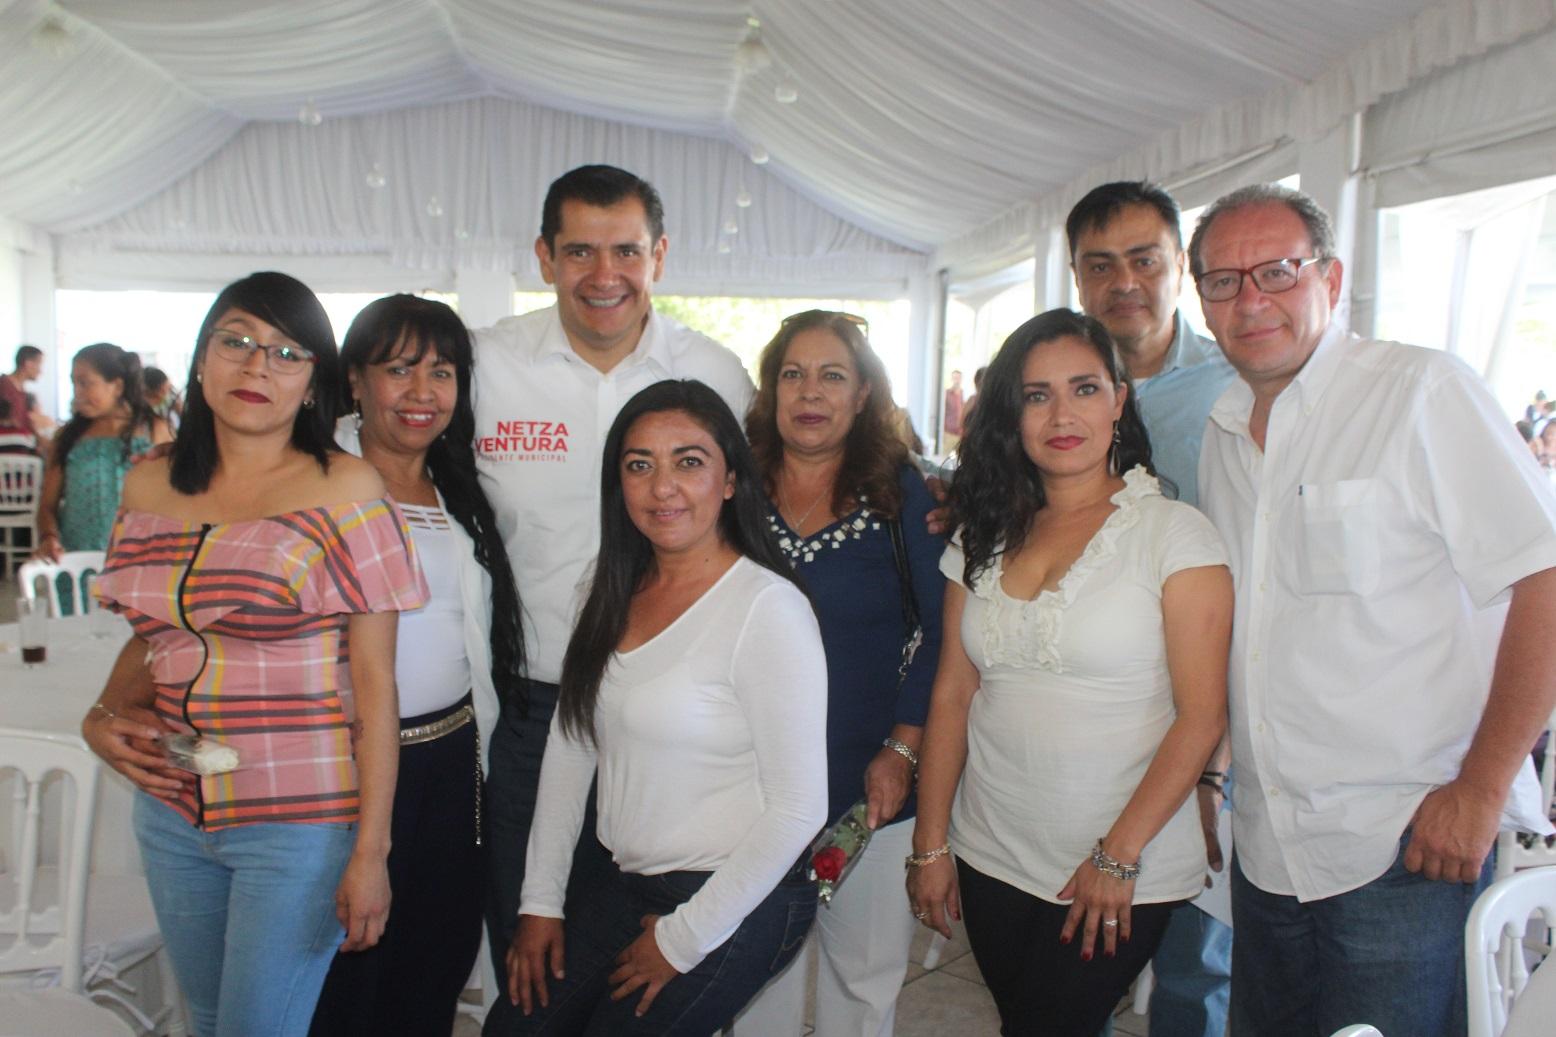 NETZA VENTURA CELEBRA EL 10 DE MAYO CON MUJERES LÍDERES DE COLONIAS Y COMUNIDADES